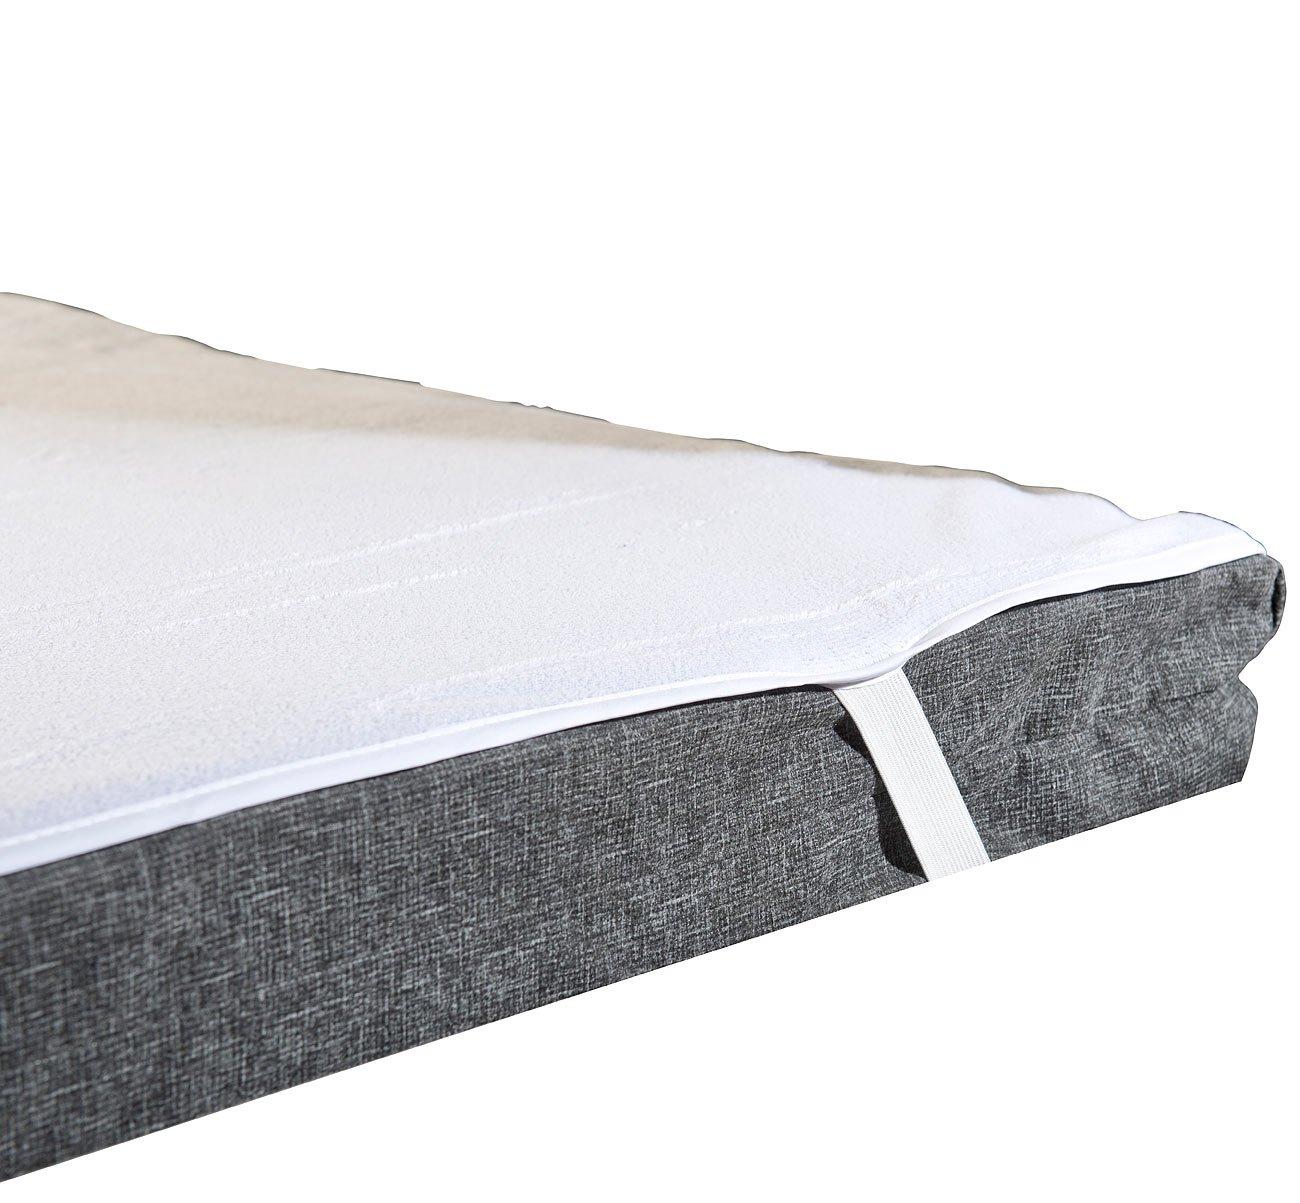 70 x 140 cm Wasserdichter Matratzenschoner Wilson Gabor Schon-Bezug f/ür Matratze: Wasserundurchl/ässige Matratzen-Auflage Kochfest